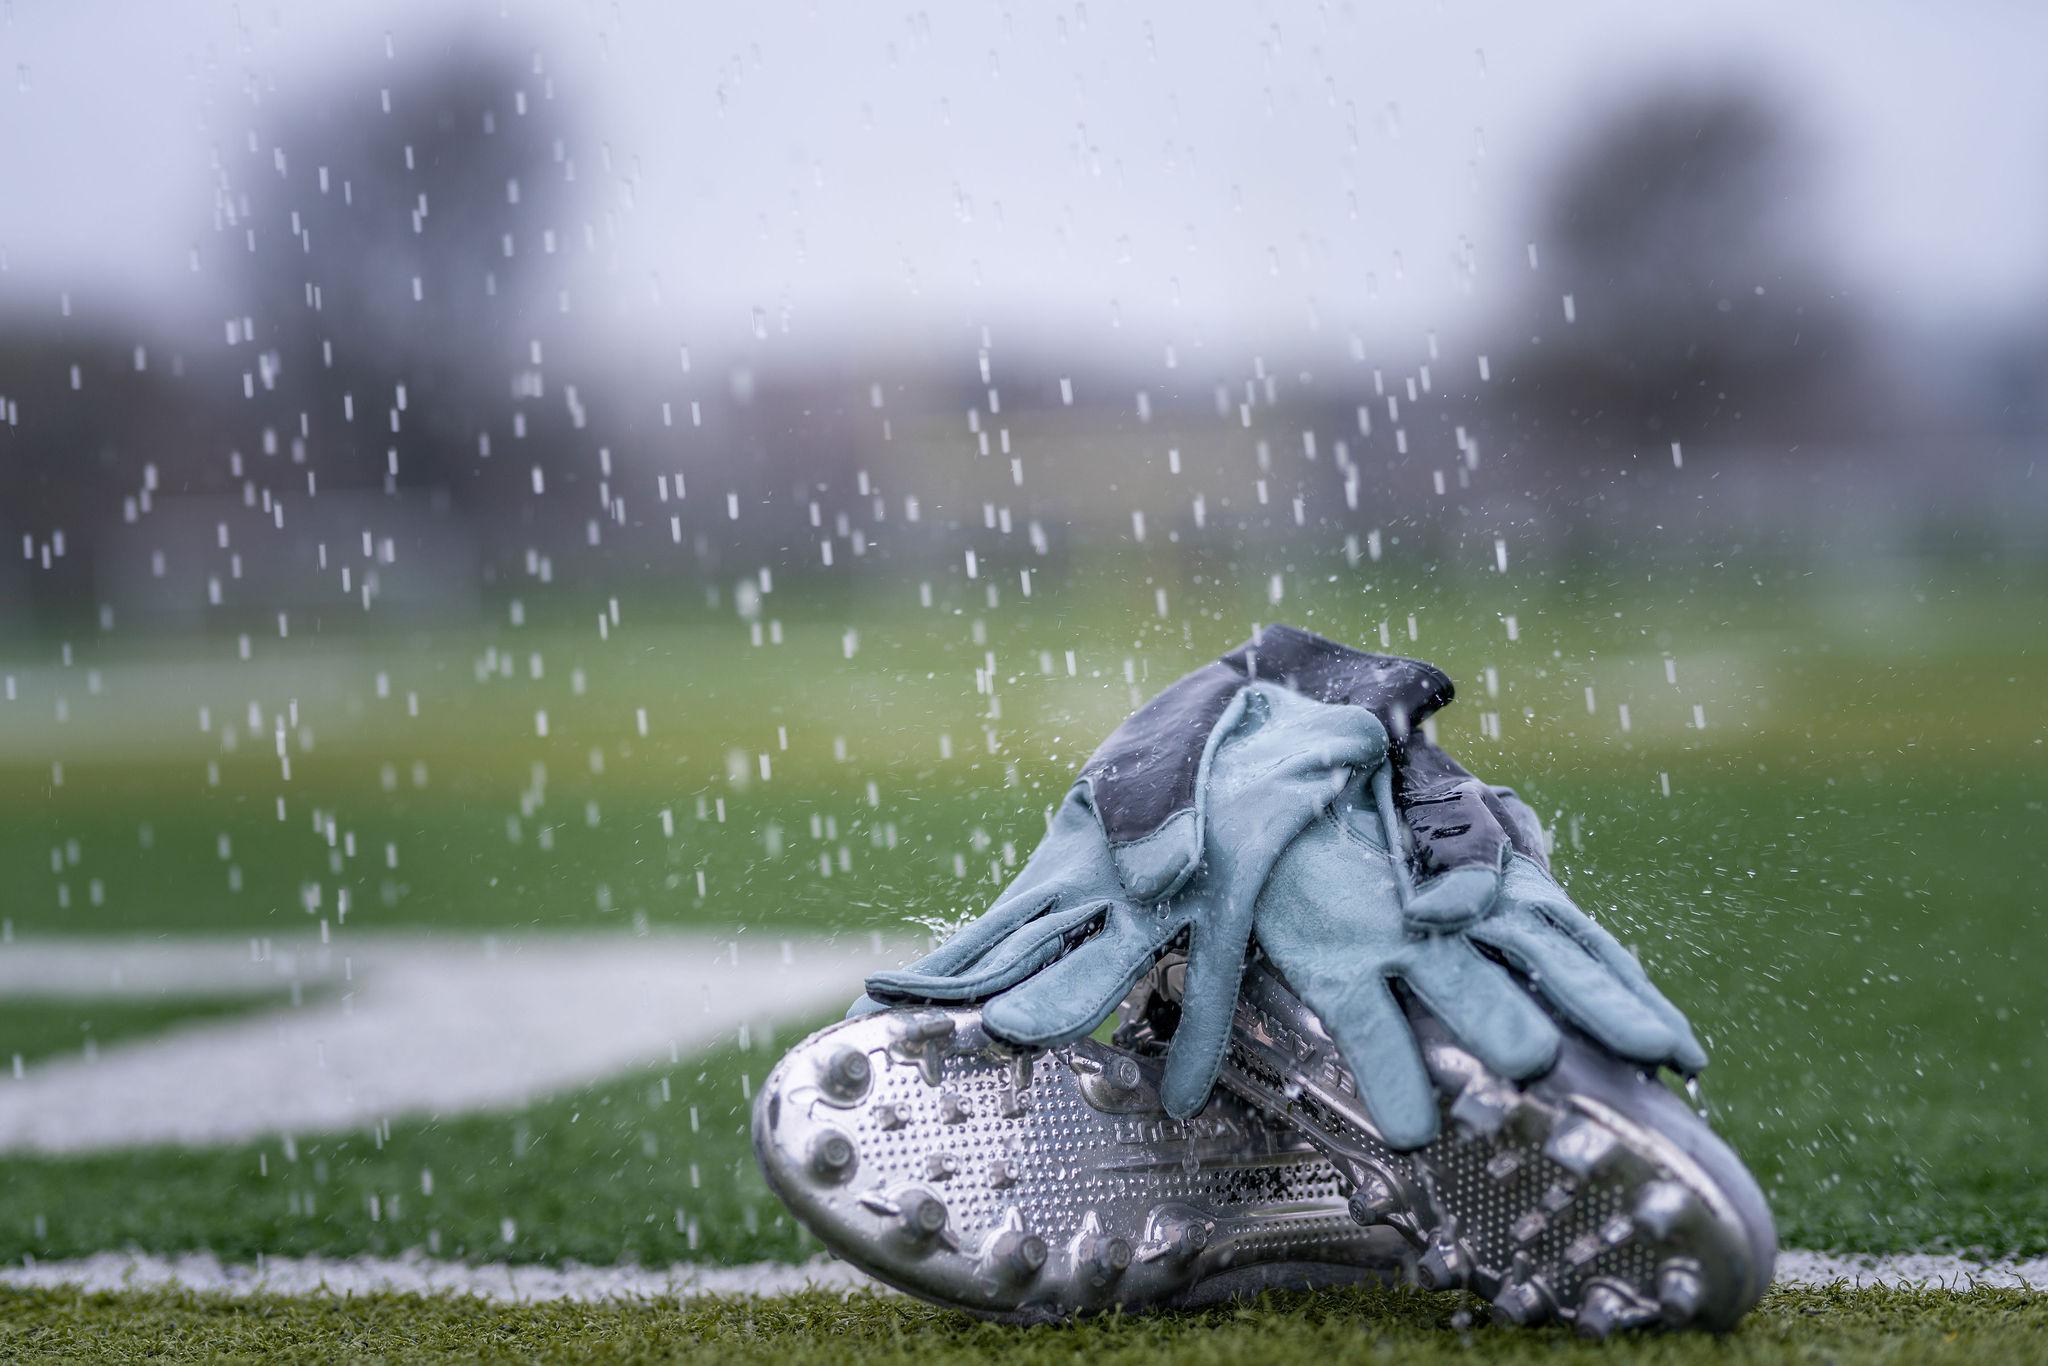 Best Football Gloves for Rain & Snow